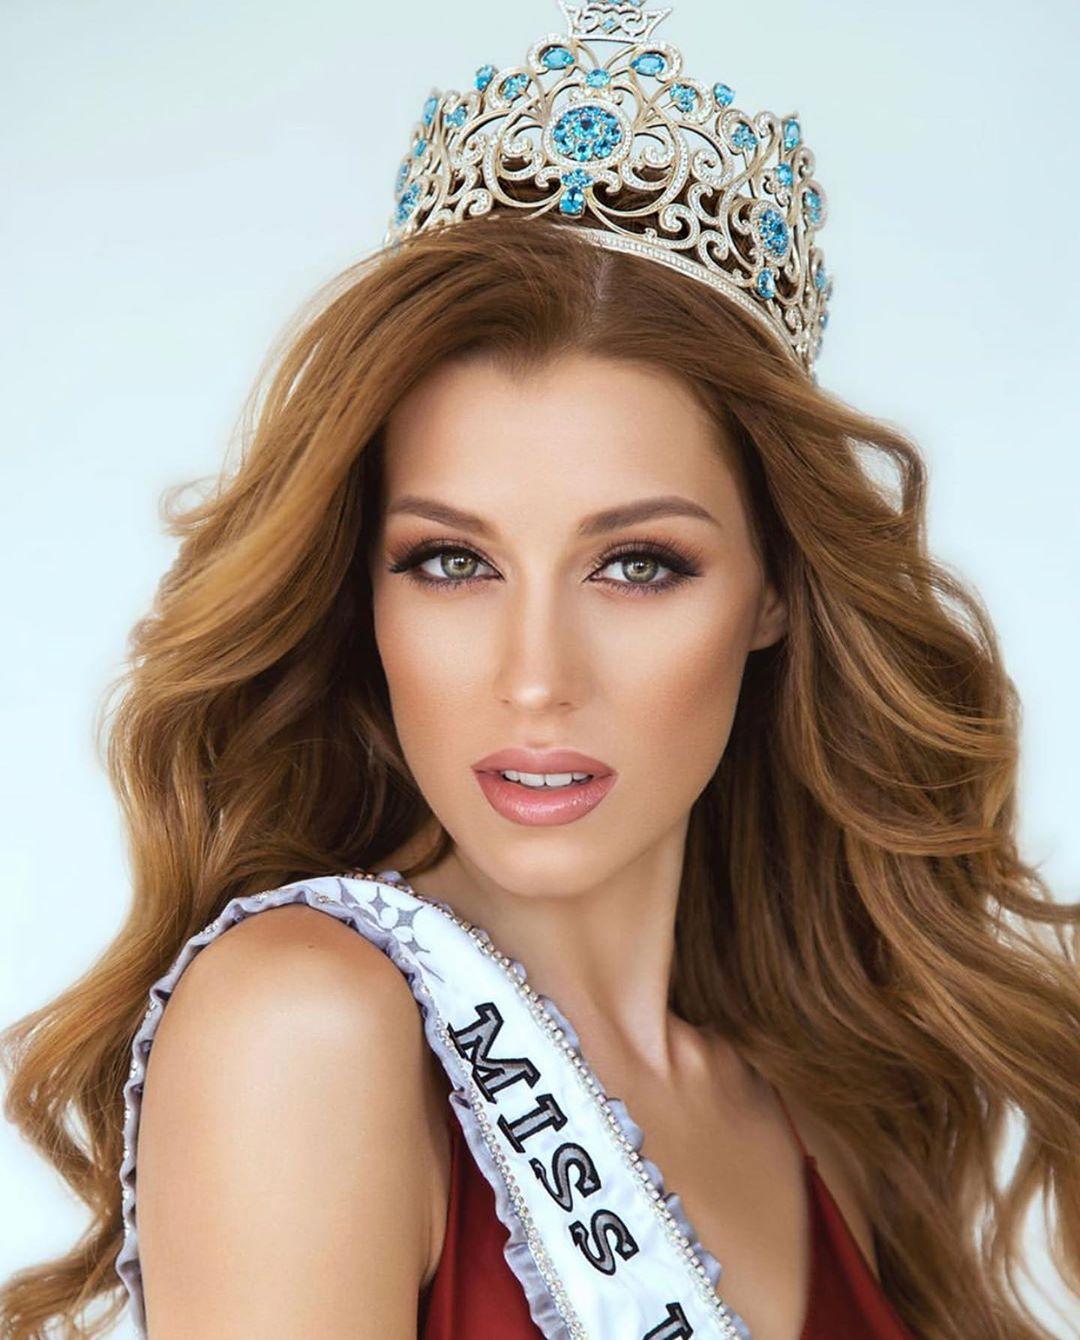 candidatas a miss universe 2019. final: 8 dec. sede: atlanta. - Página 6 I1YgpM